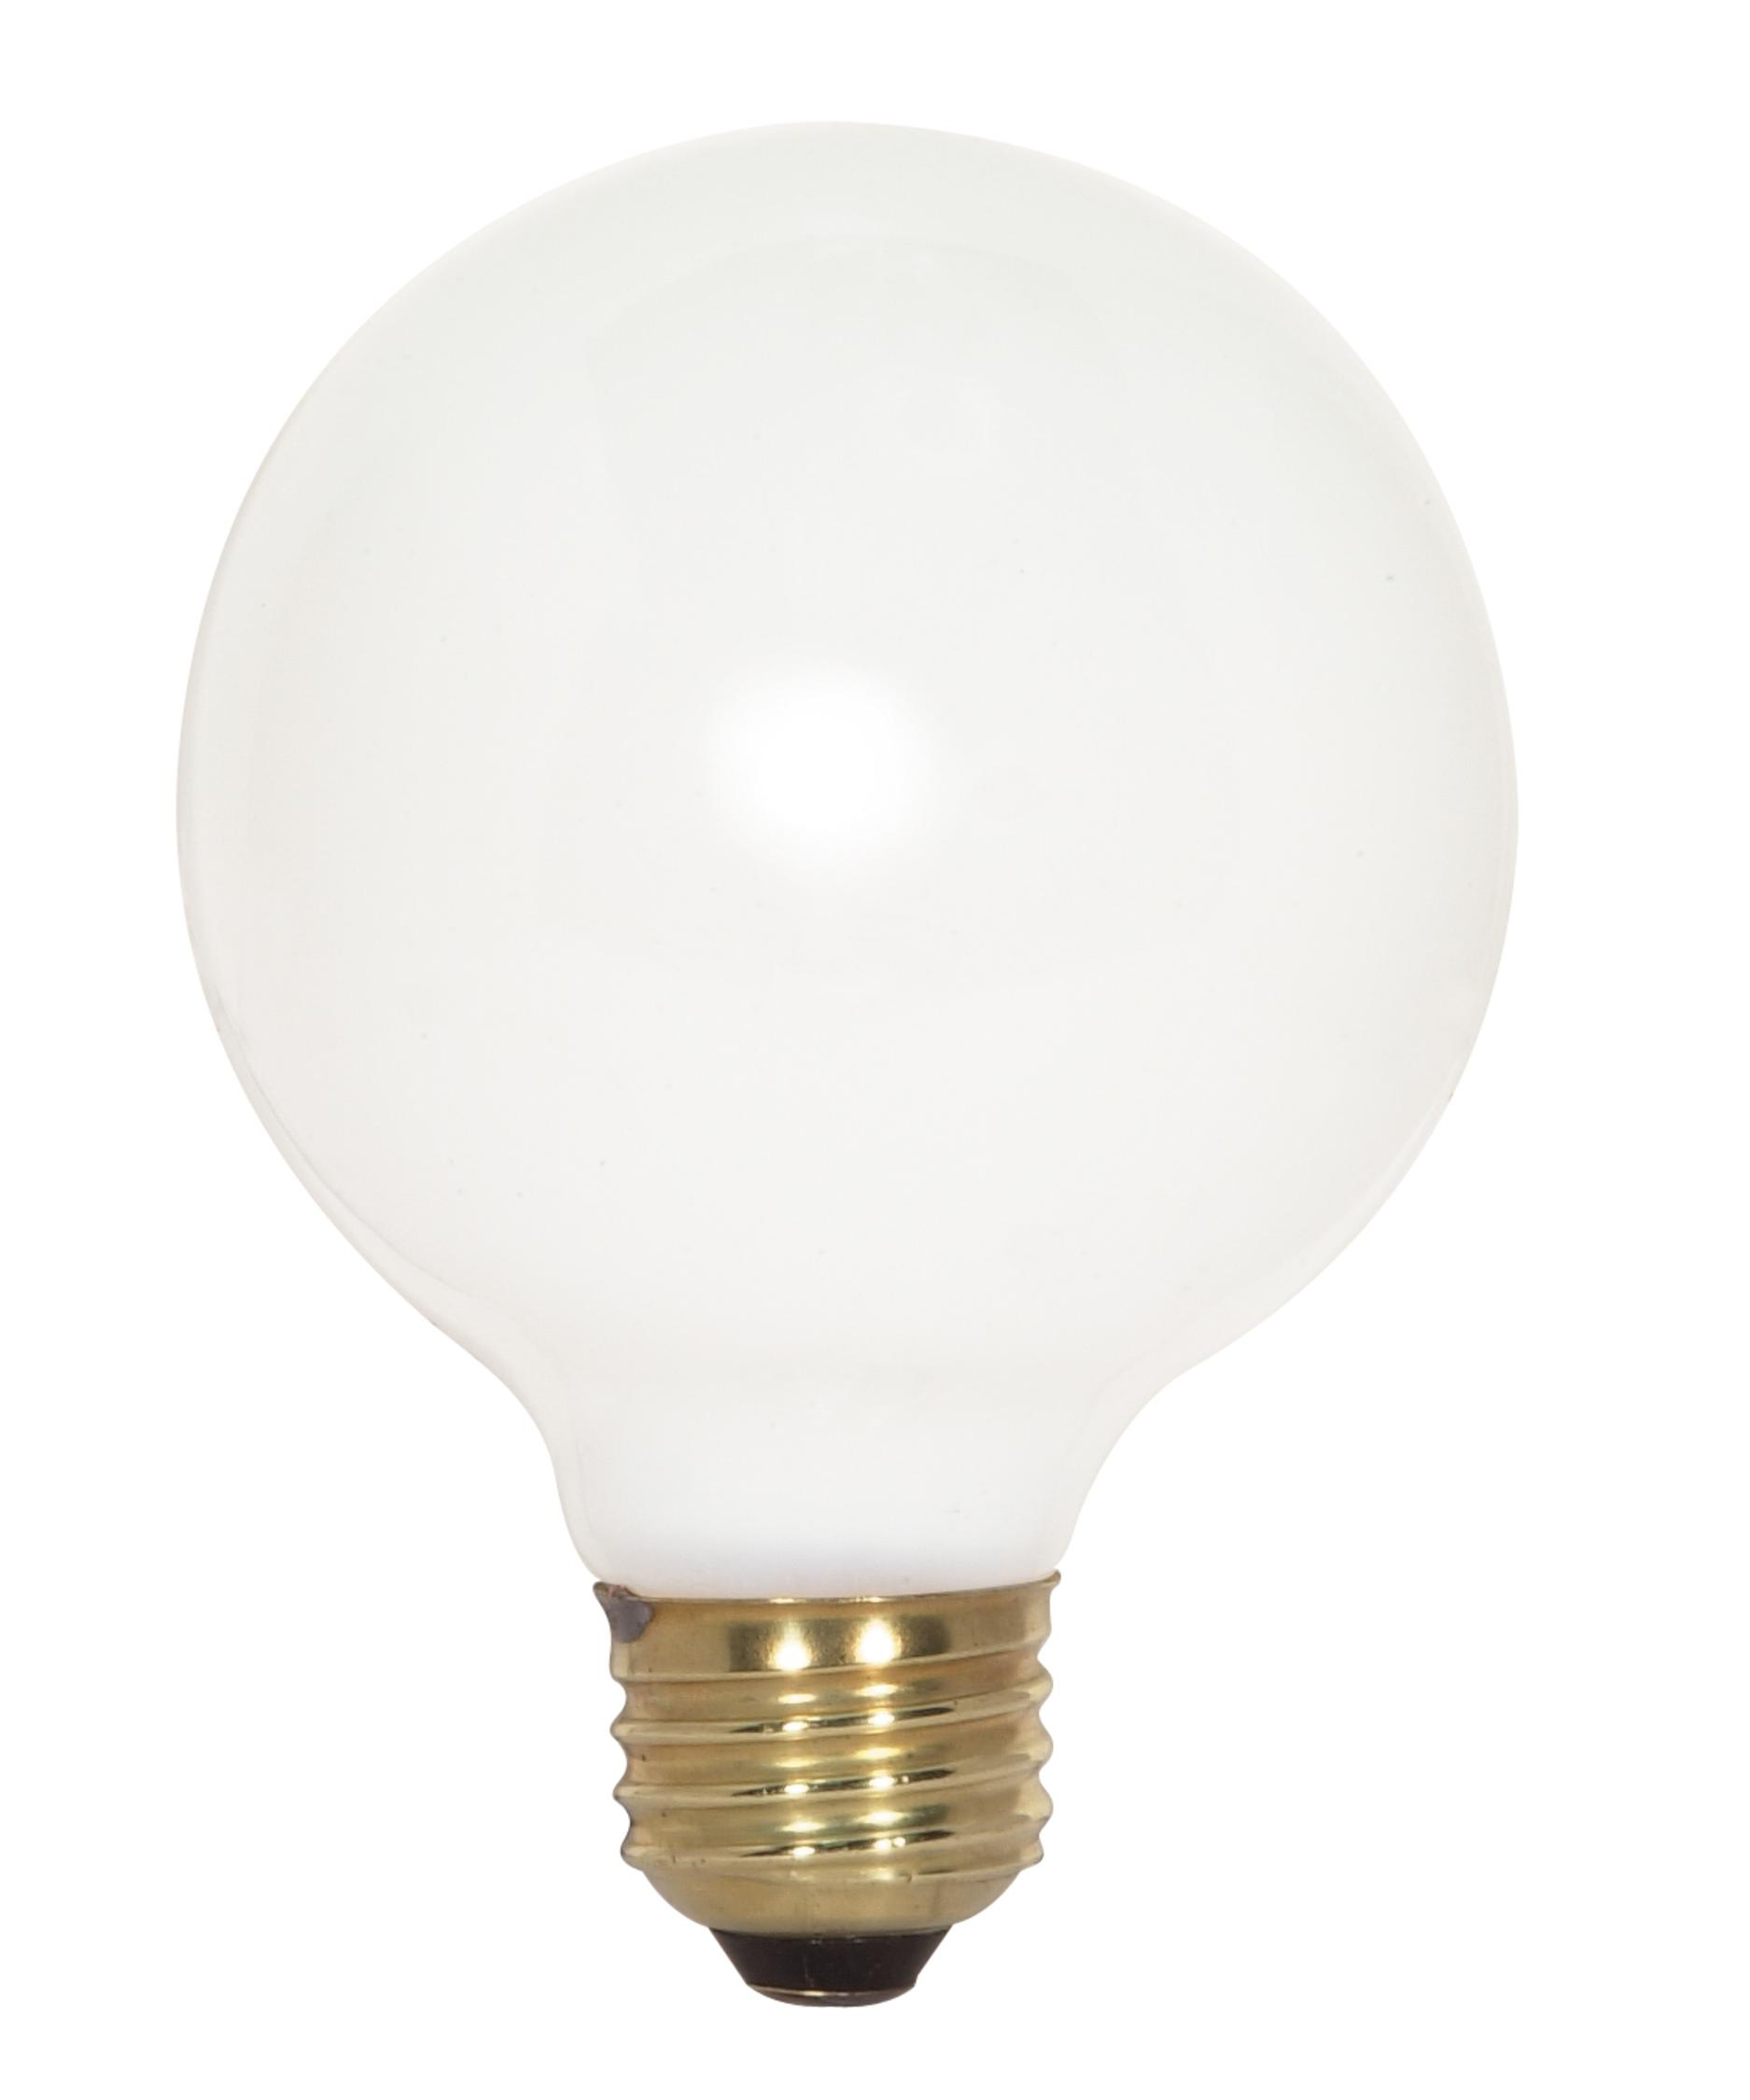 Satco S3443 100 Watt 120 Volt Gloss White G25 Medium E26